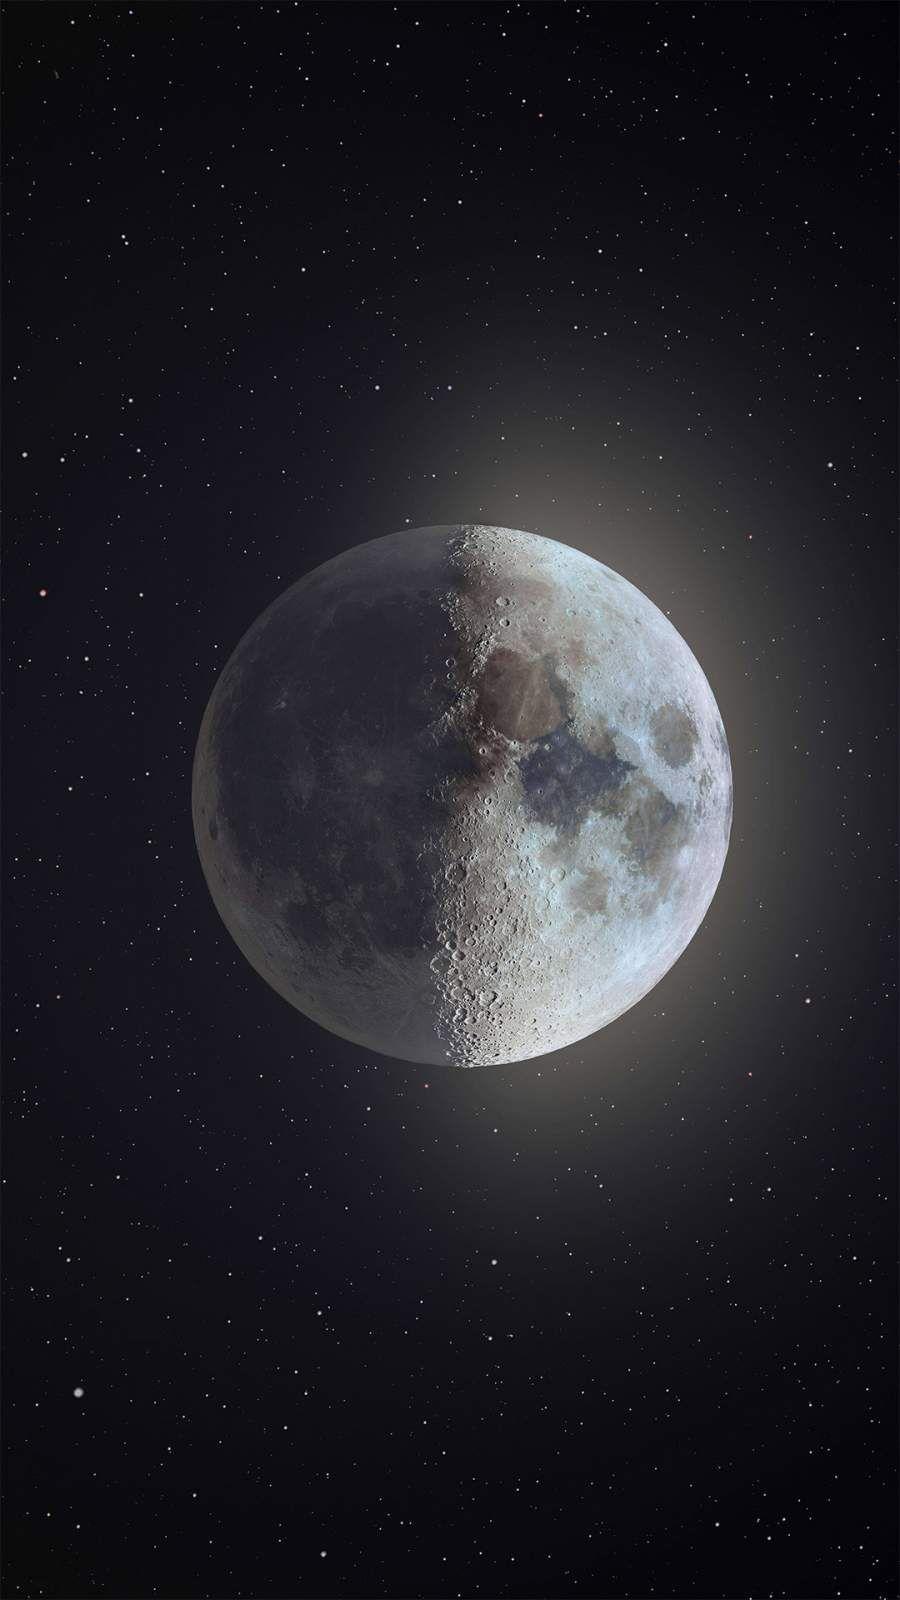 Moon Iphone Wallpaper Papel De Parede Android Arte Da Lua Fotos Da Lua